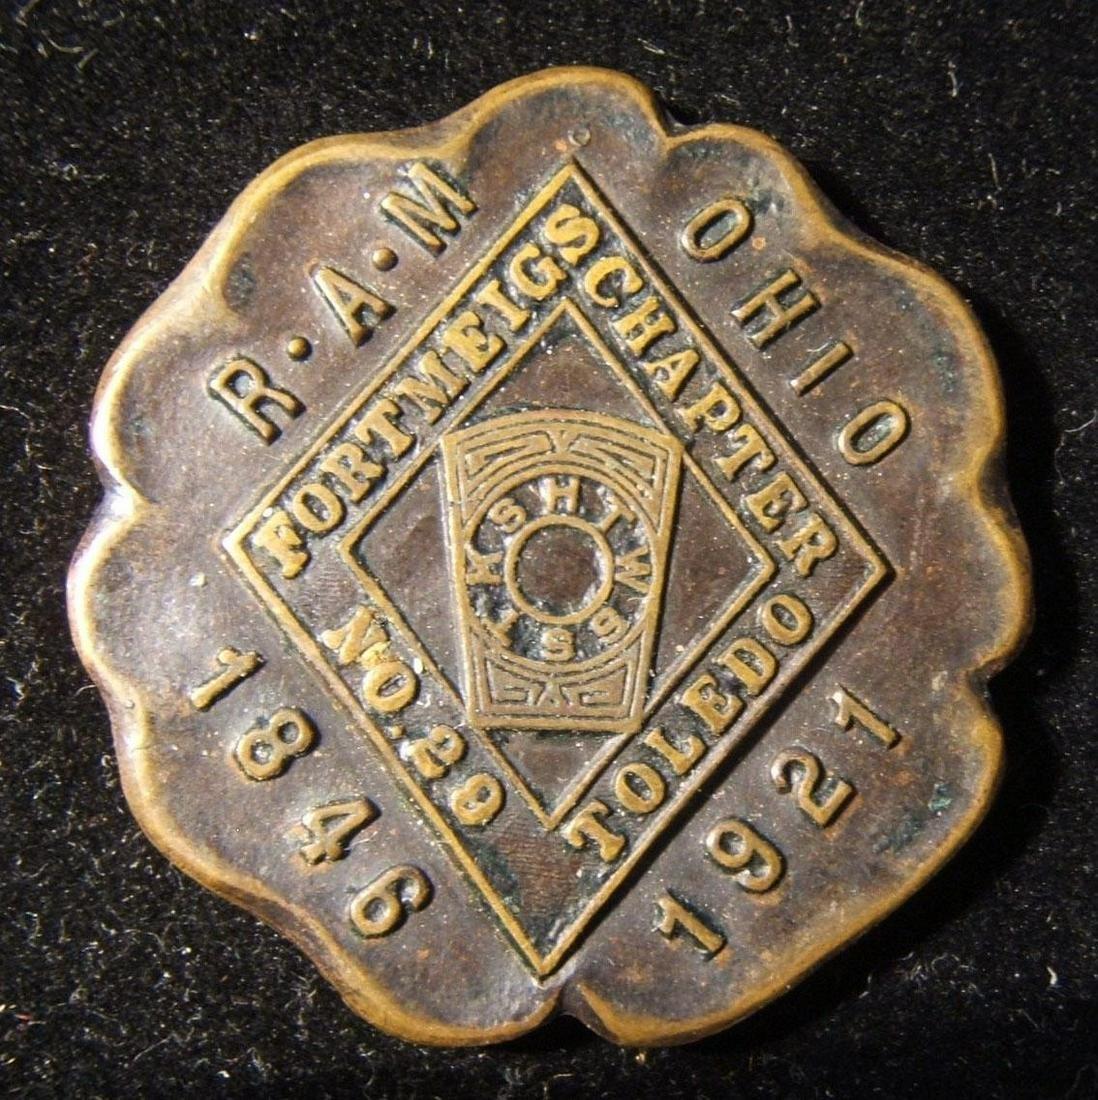 American Fort Meigs Royal Arch Freemasons 75th